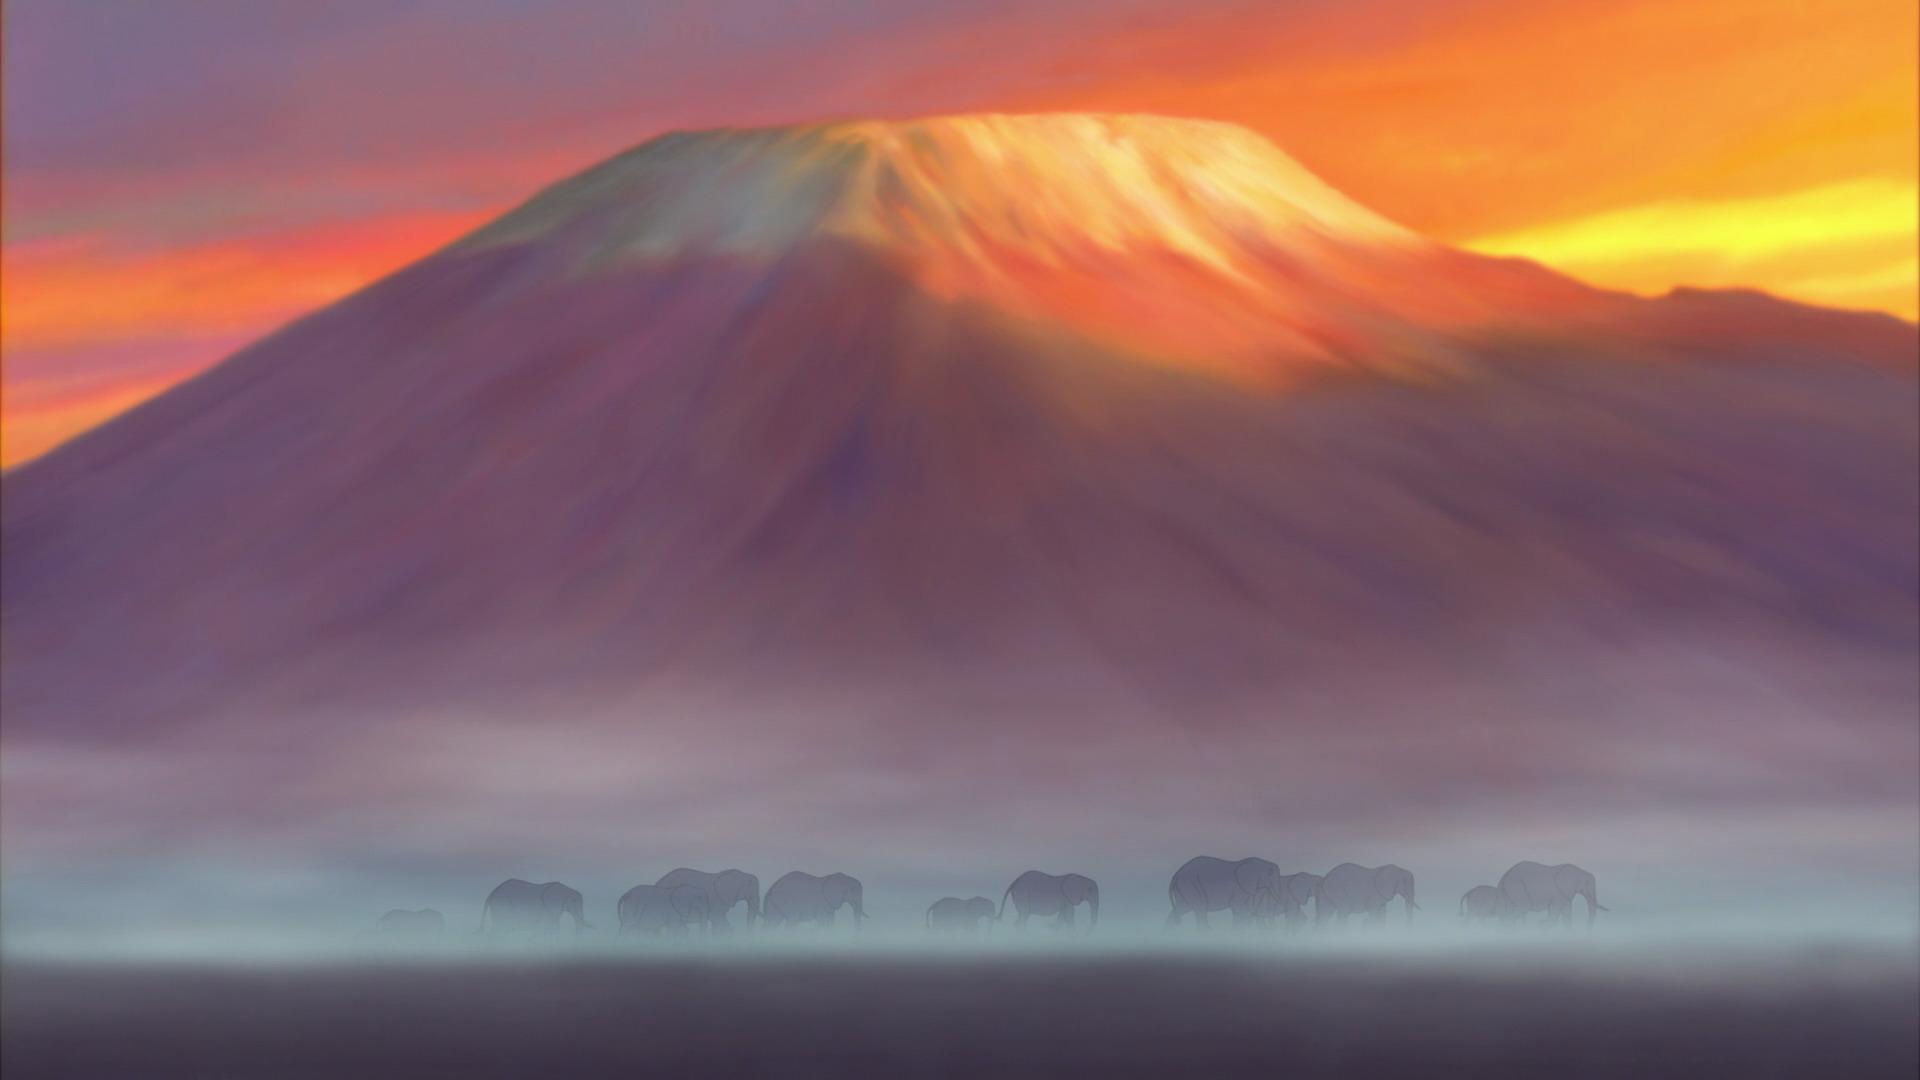 File:Kilimanjaro.png